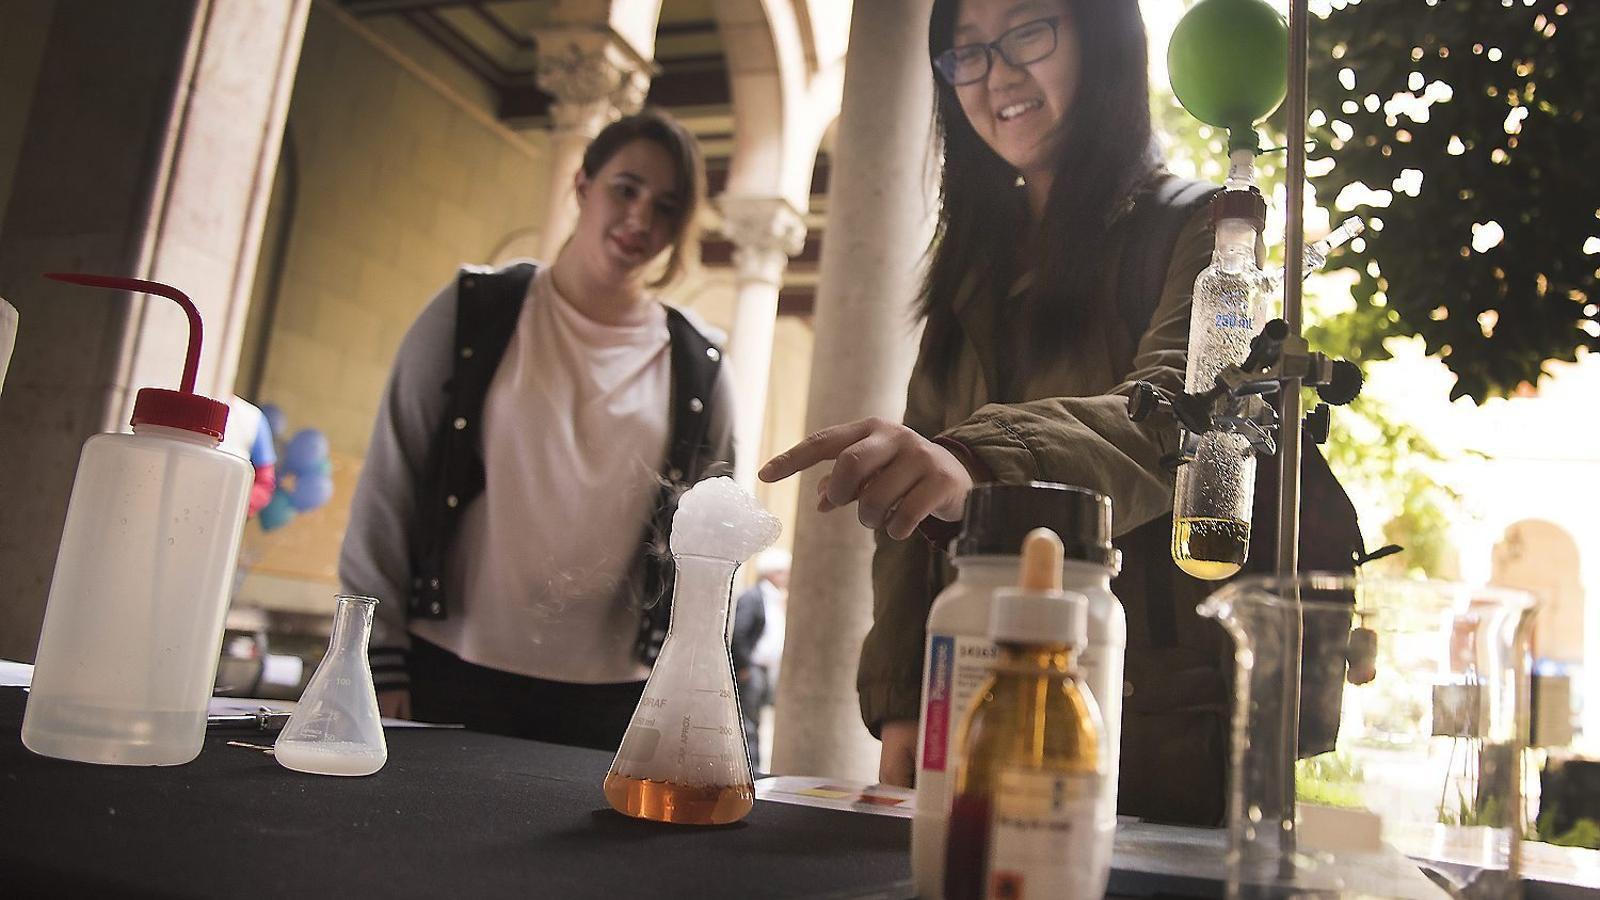 Taller de química a la II Festa de la Ciència de la Universitat de Barcelona.